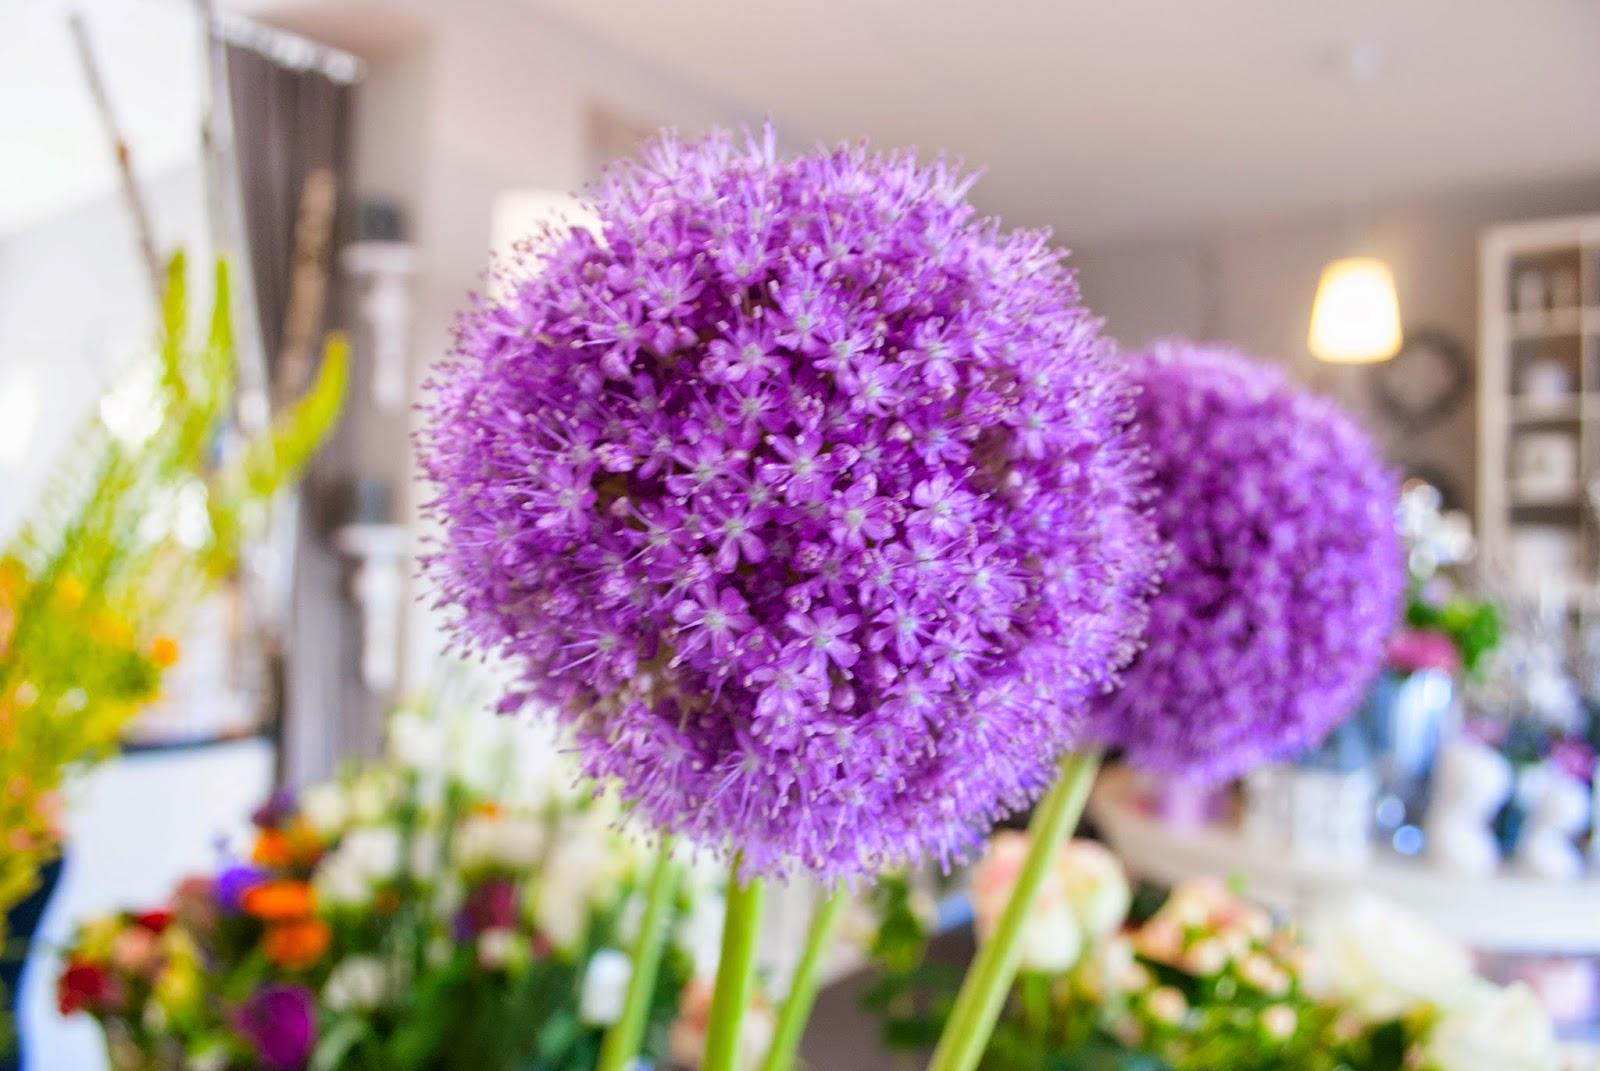 Flowers of the month: Riesenlauch Interior Interieur Blumen Schnittblumen Lifestyle München Minga Munich Blüte Vergiss Mein Nicht Kooperation Hupsis Serendipity